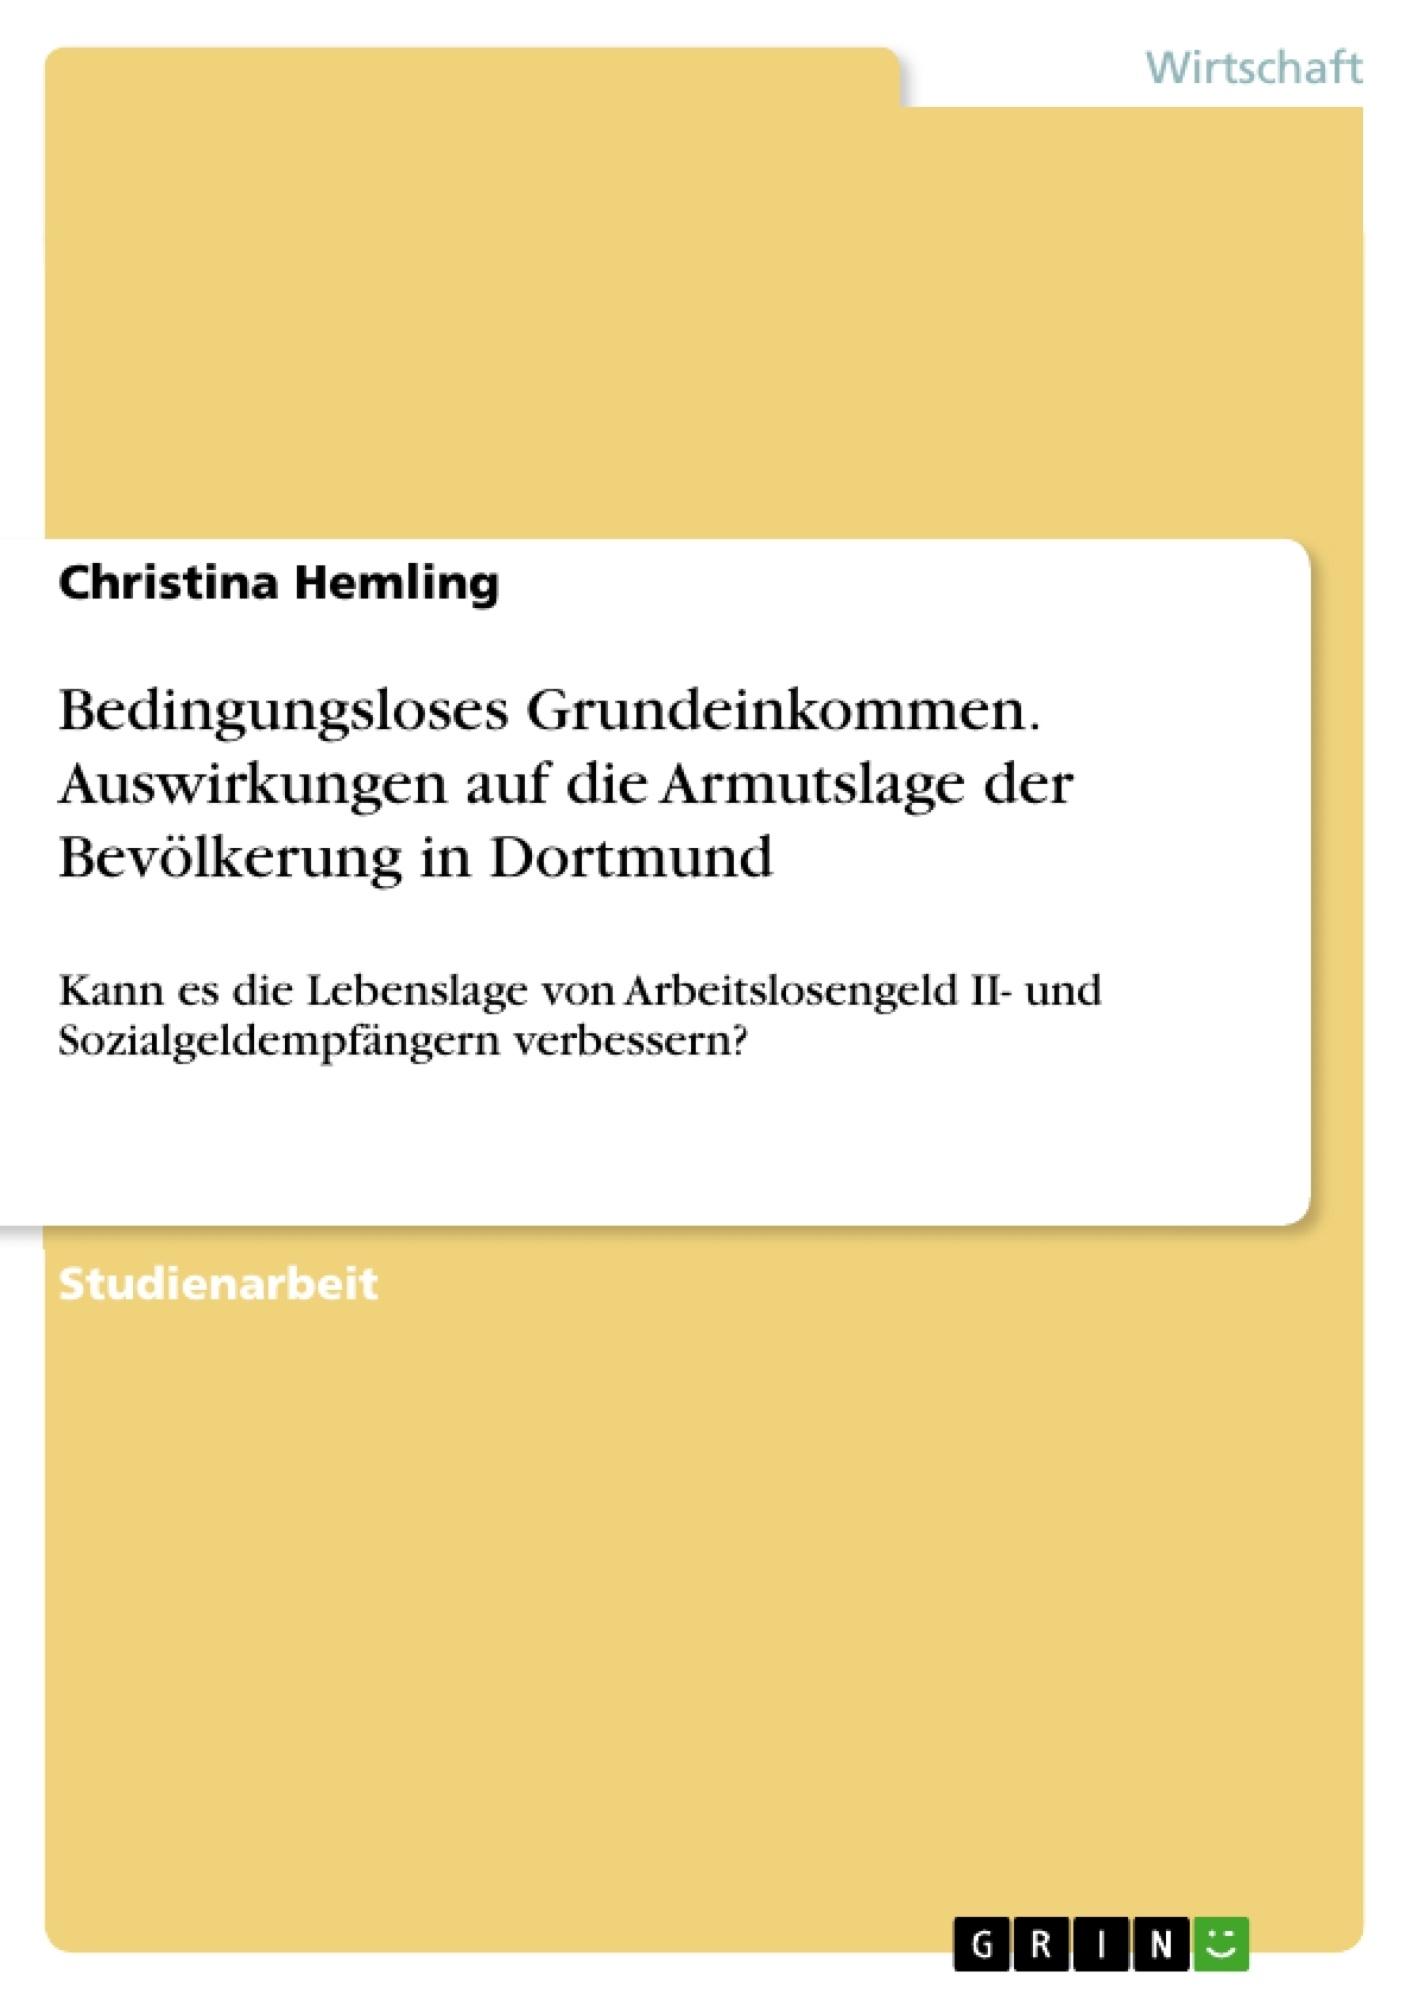 Titel: Bedingungsloses Grundeinkommen. Auswirkungen auf die Armutslage der Bevölkerung in Dortmund